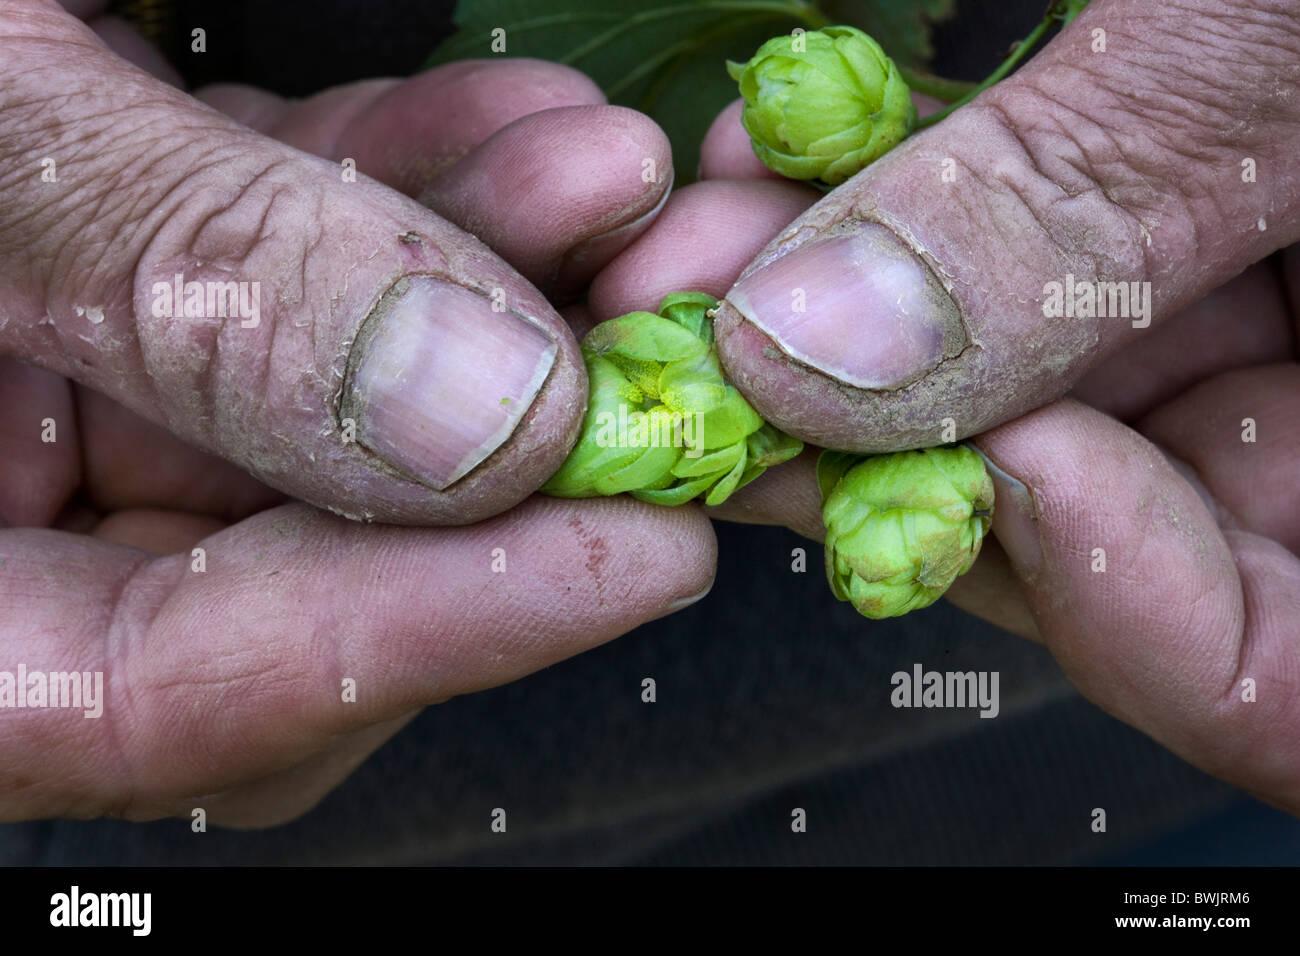 Close-up of hand holding hop cones (Humulus lupulus), Poperinge, Belgium - Stock Image